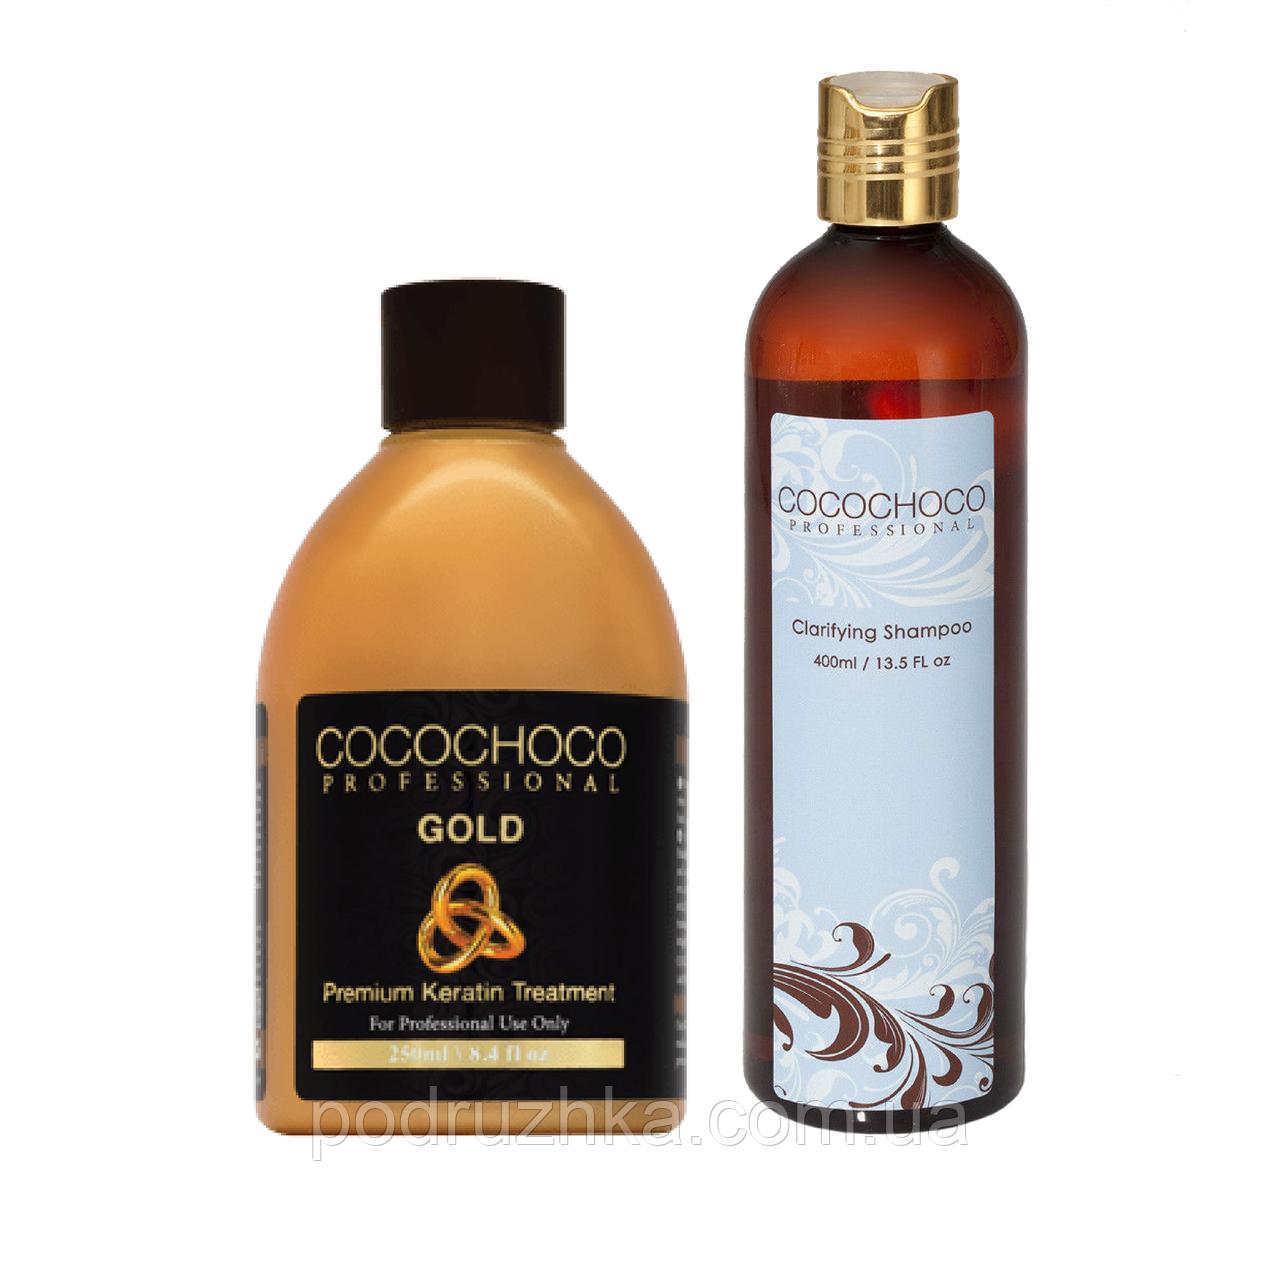 Набор для кератинового выпрямления волос Cocochoco Gold (250 мл + 400 мл)